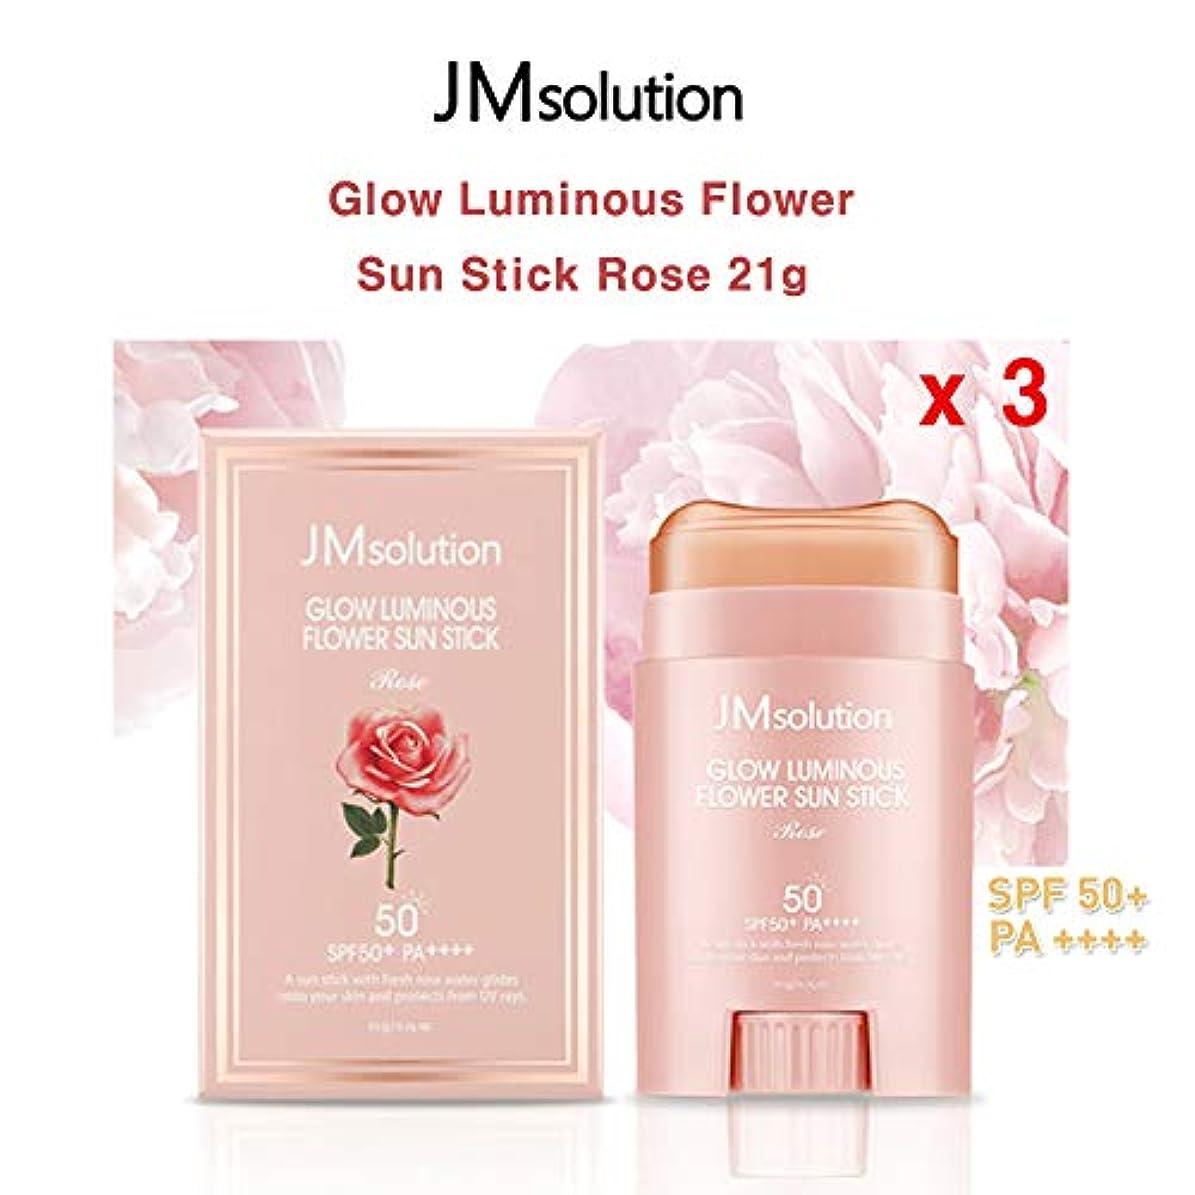 厚くする経験的女王JM Solution ★1+1+1★ Glow Luminous Flower Sun Stick Rose 21g (spf50 PA) 光る輝く花Sun Stick Rose